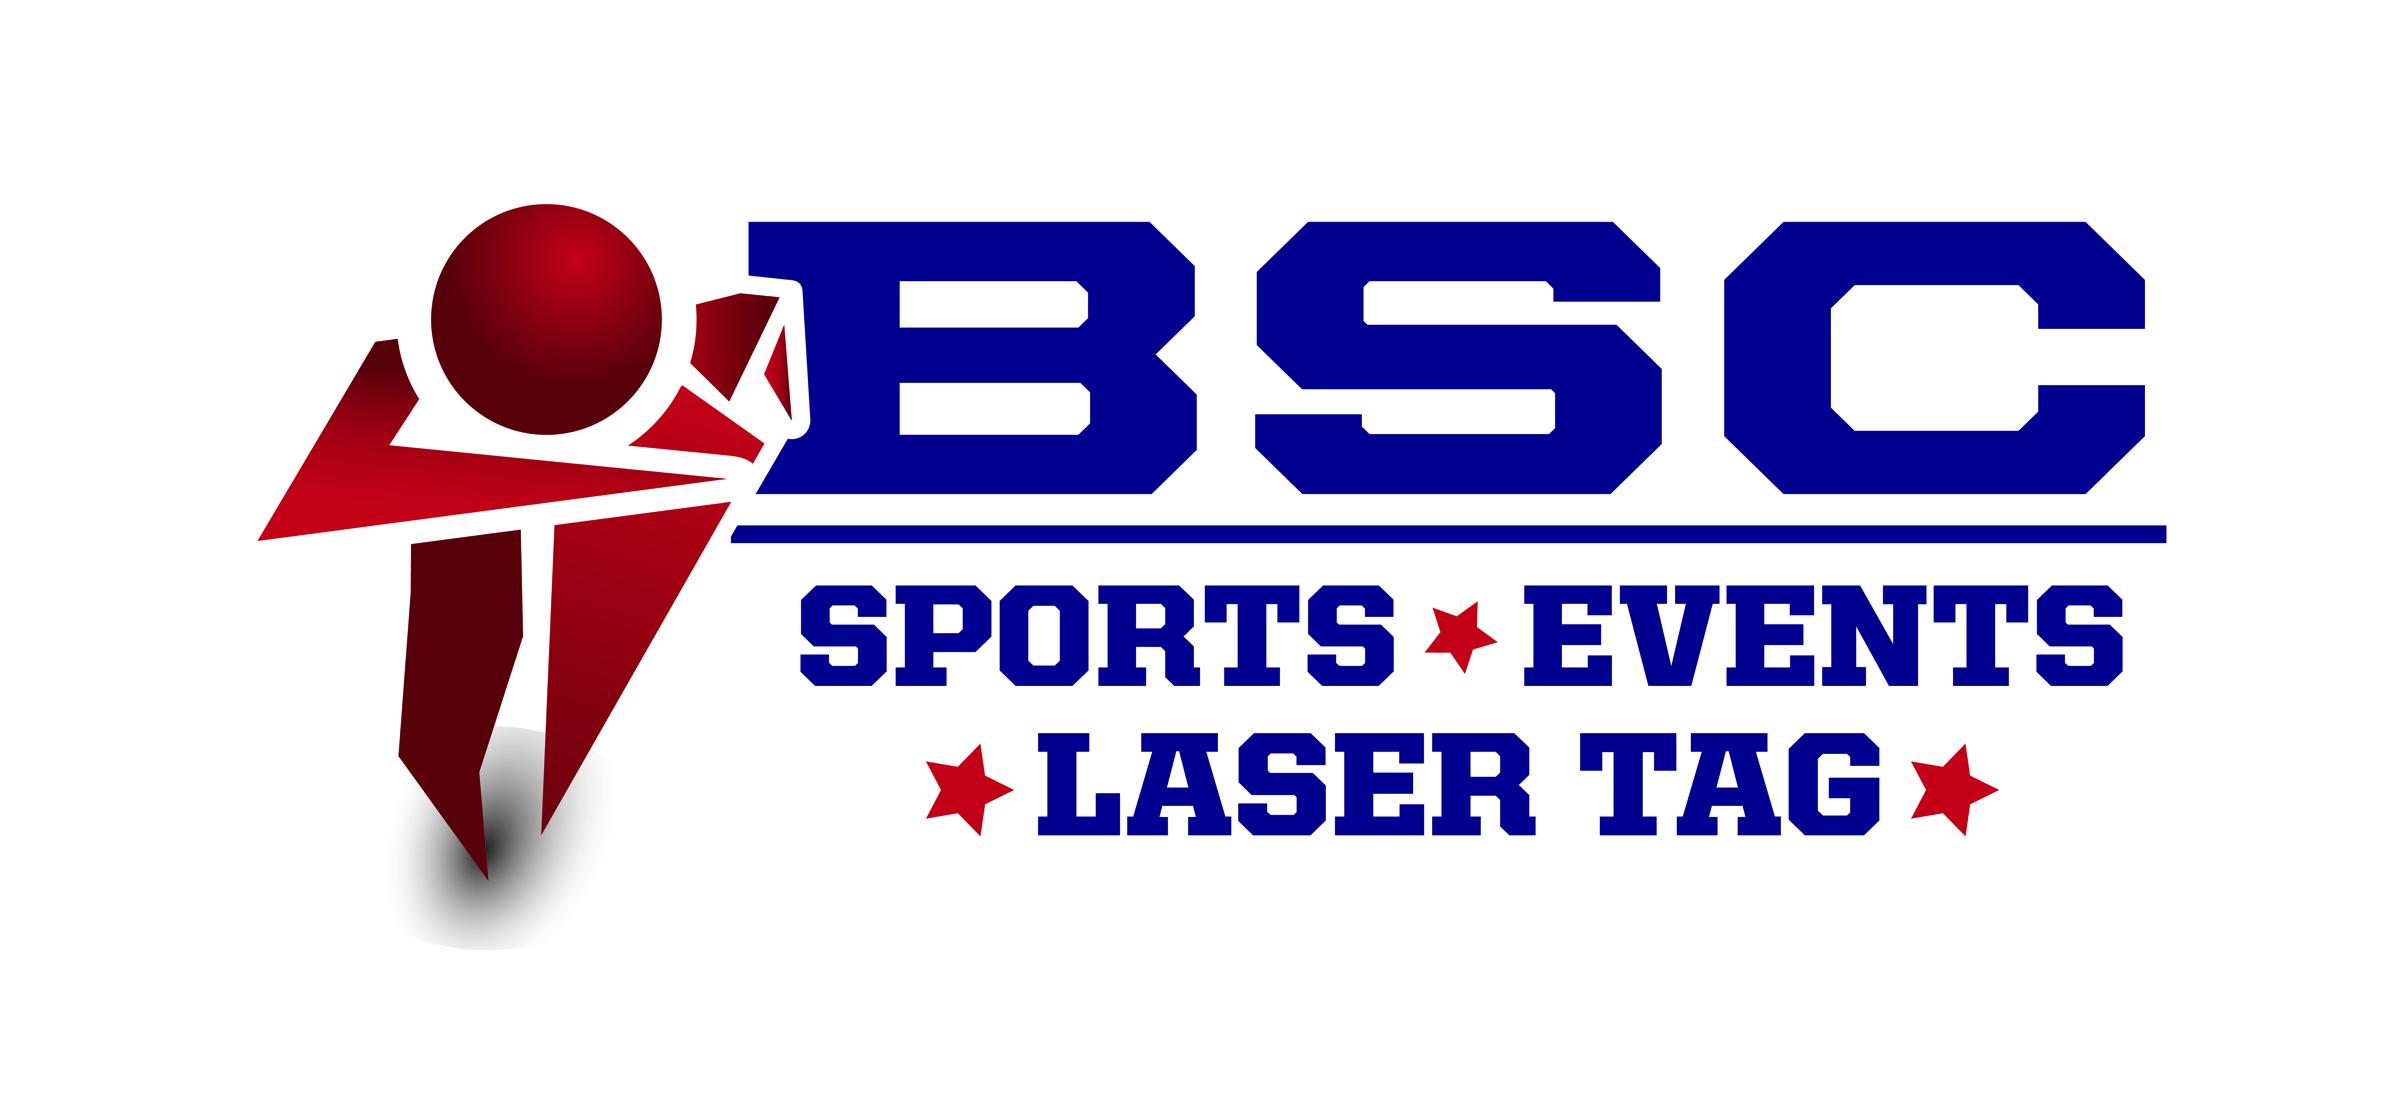 Branchburg Sports Complex - Sports